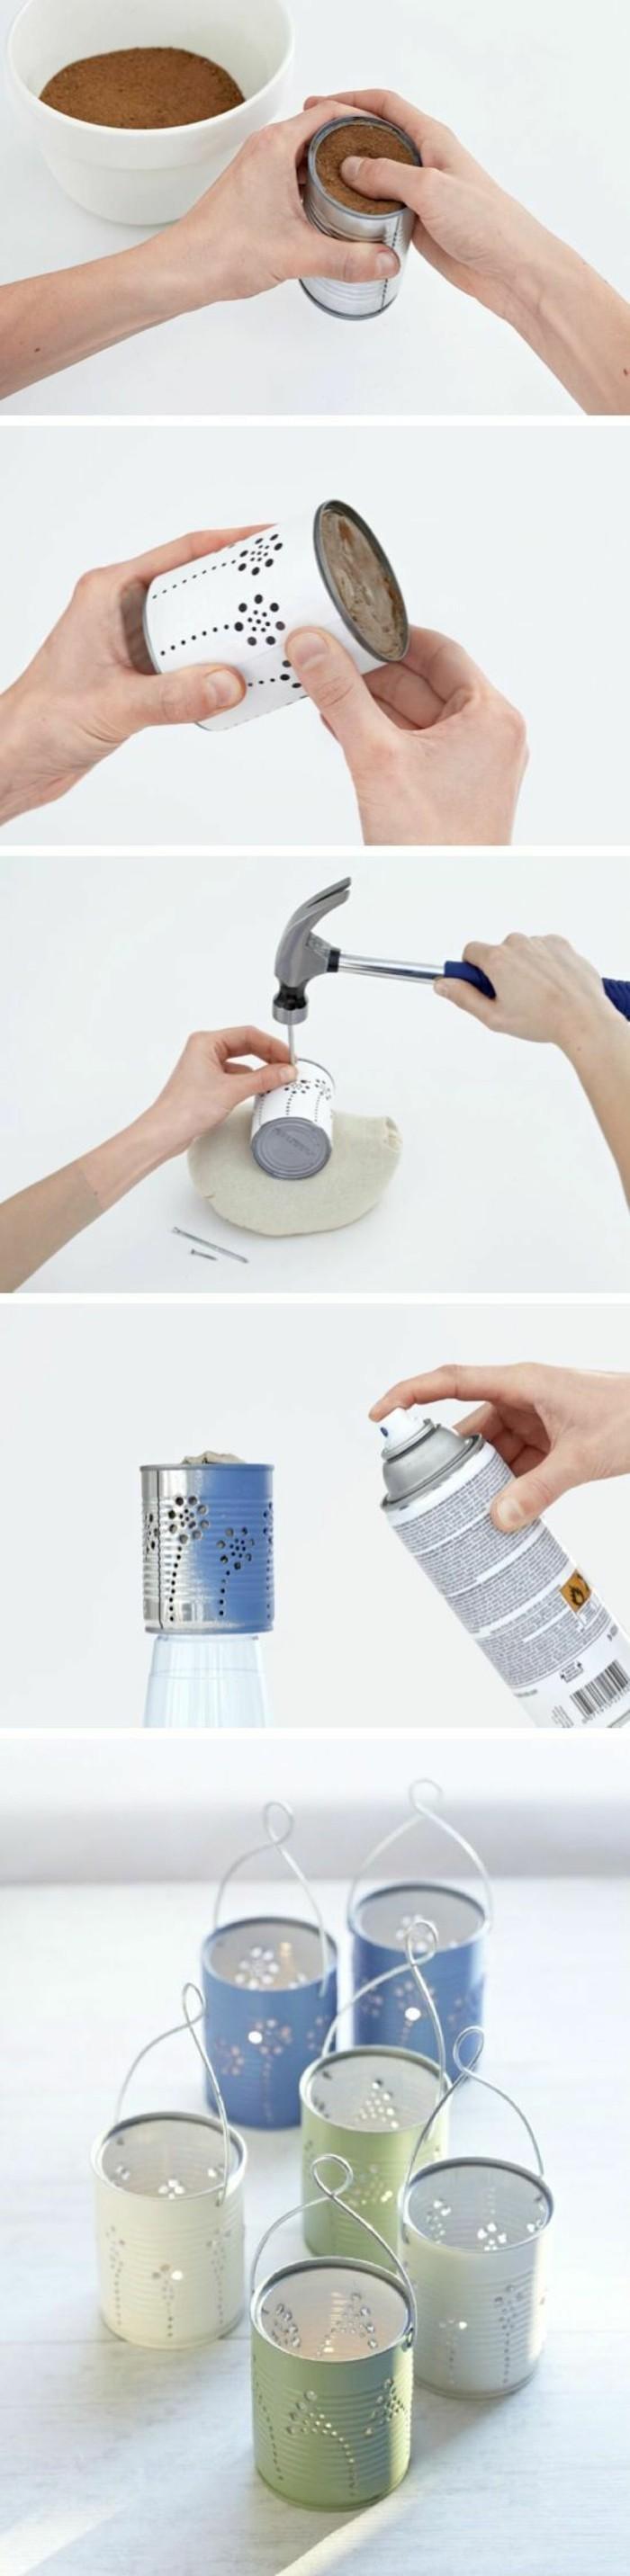 idee-fai-da-te-barattoli-di-latta-decorati-verniciati-spray-colorato-idea-fai-da-te